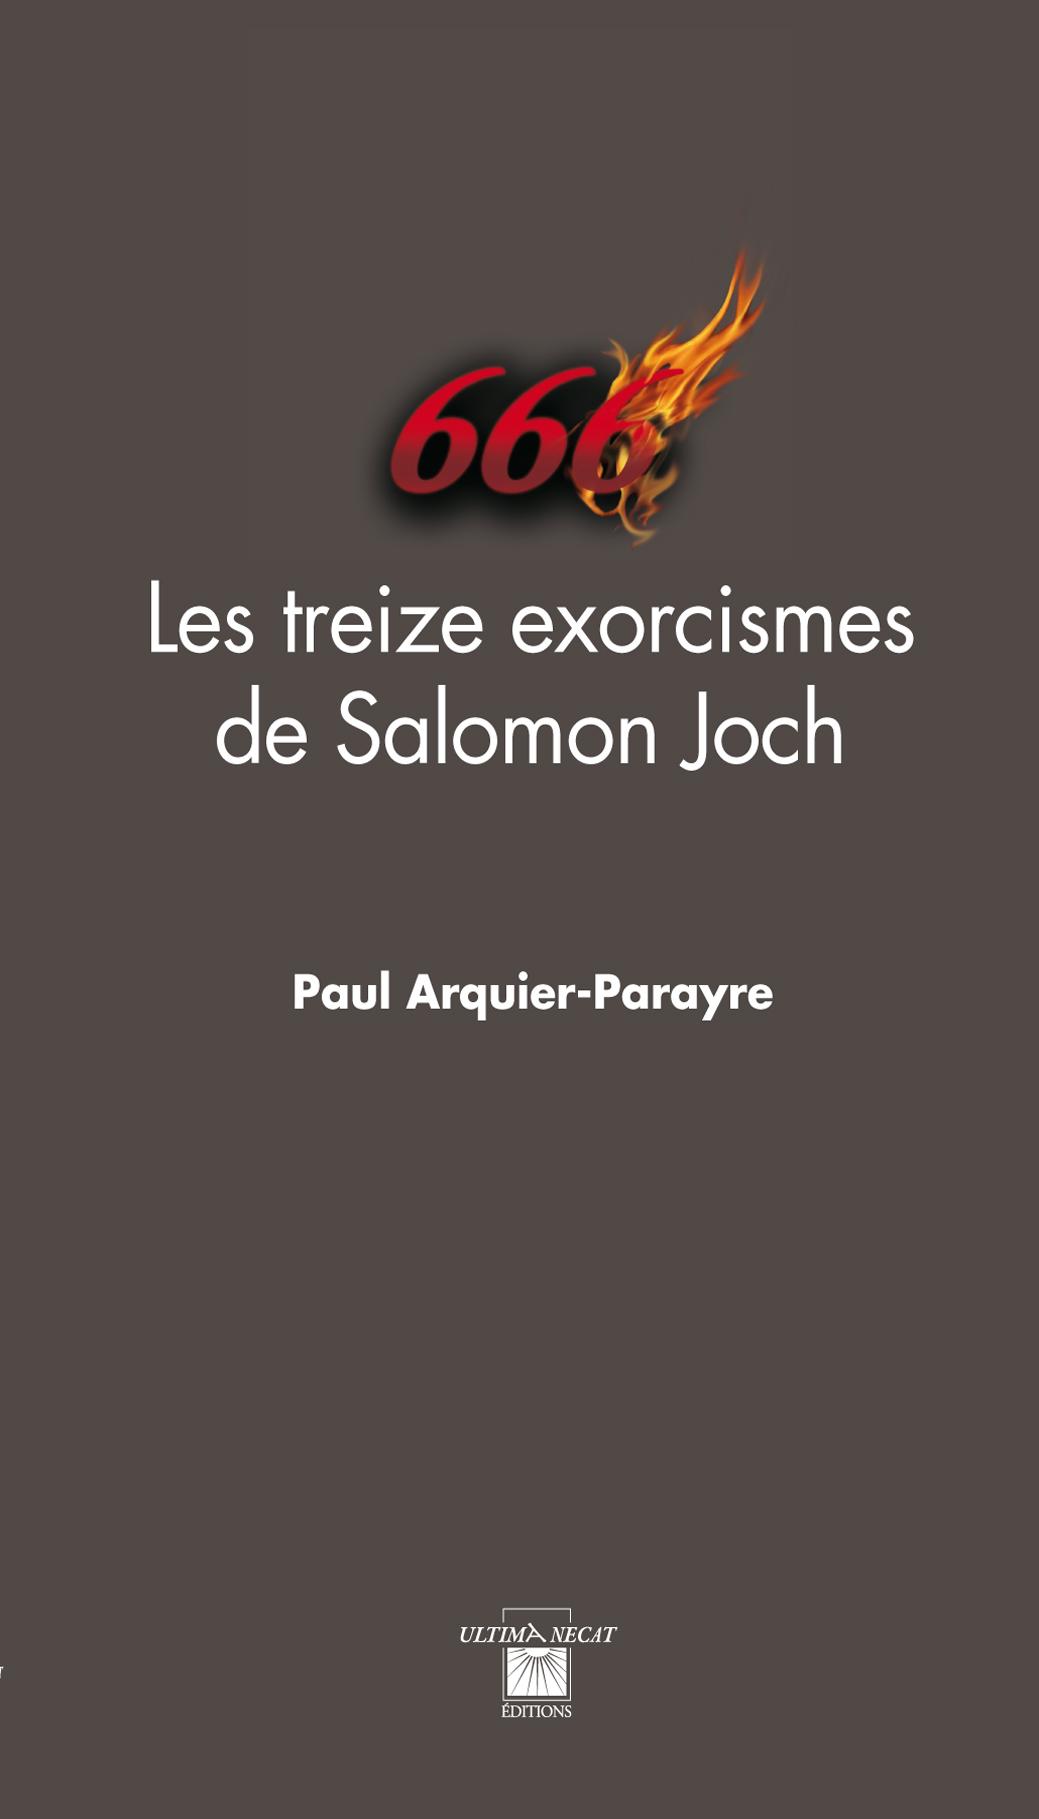 Les treize exorcsimes de Salomon Joch. Paul Arquier Parayre.